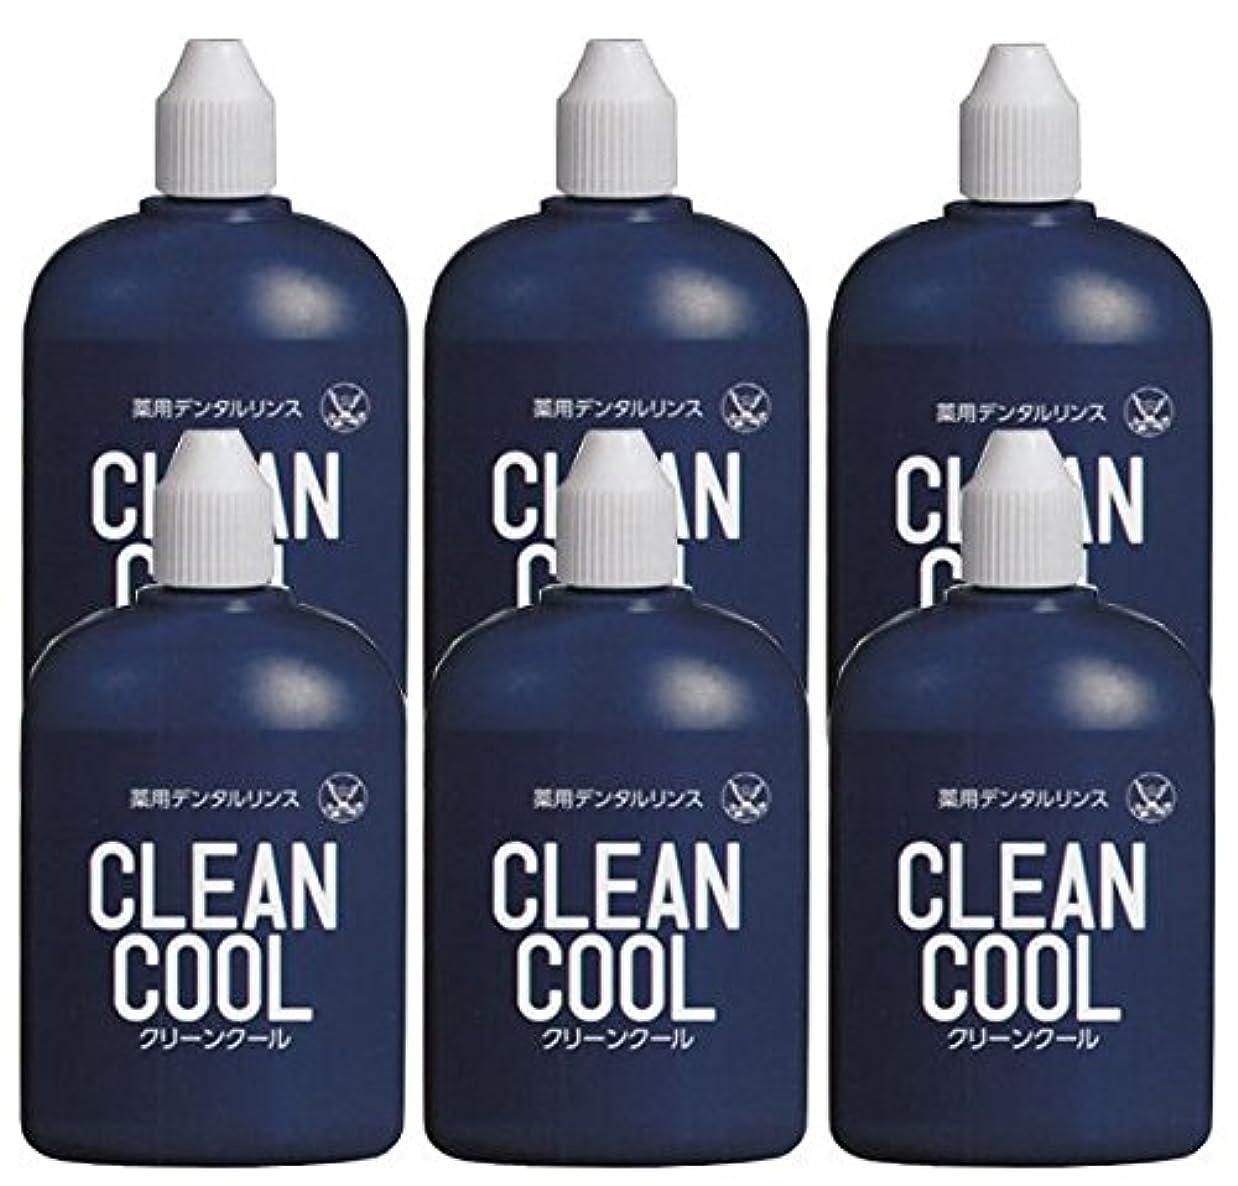 ビルダー続編極めて重要な薬用デンタルリンス クリーンクール (CLEAN COOL) 洗口液 100ml × 6個